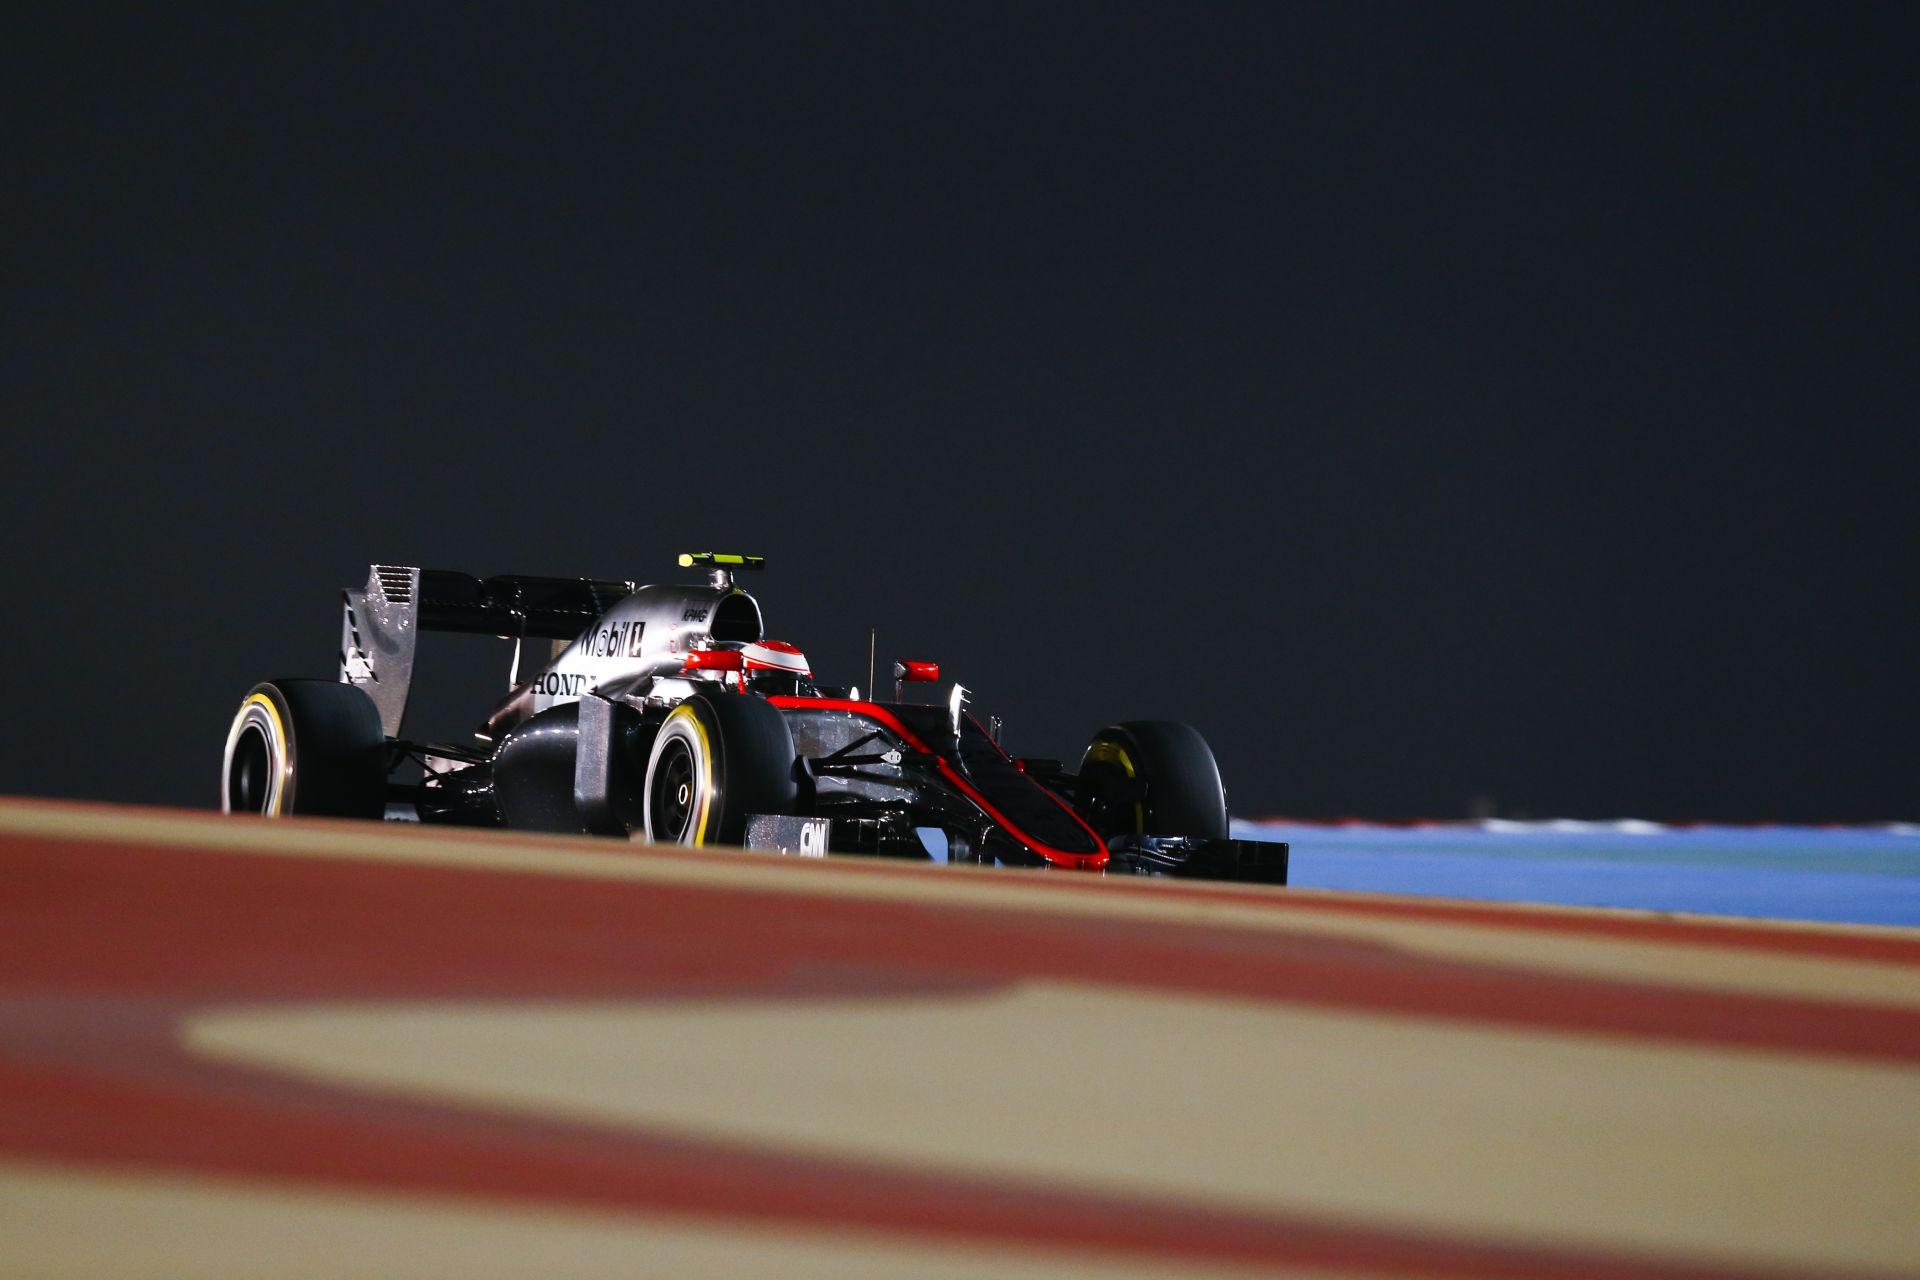 Hivatalos: Button nem áll rajthoz a Bahreini Nagydíjon!